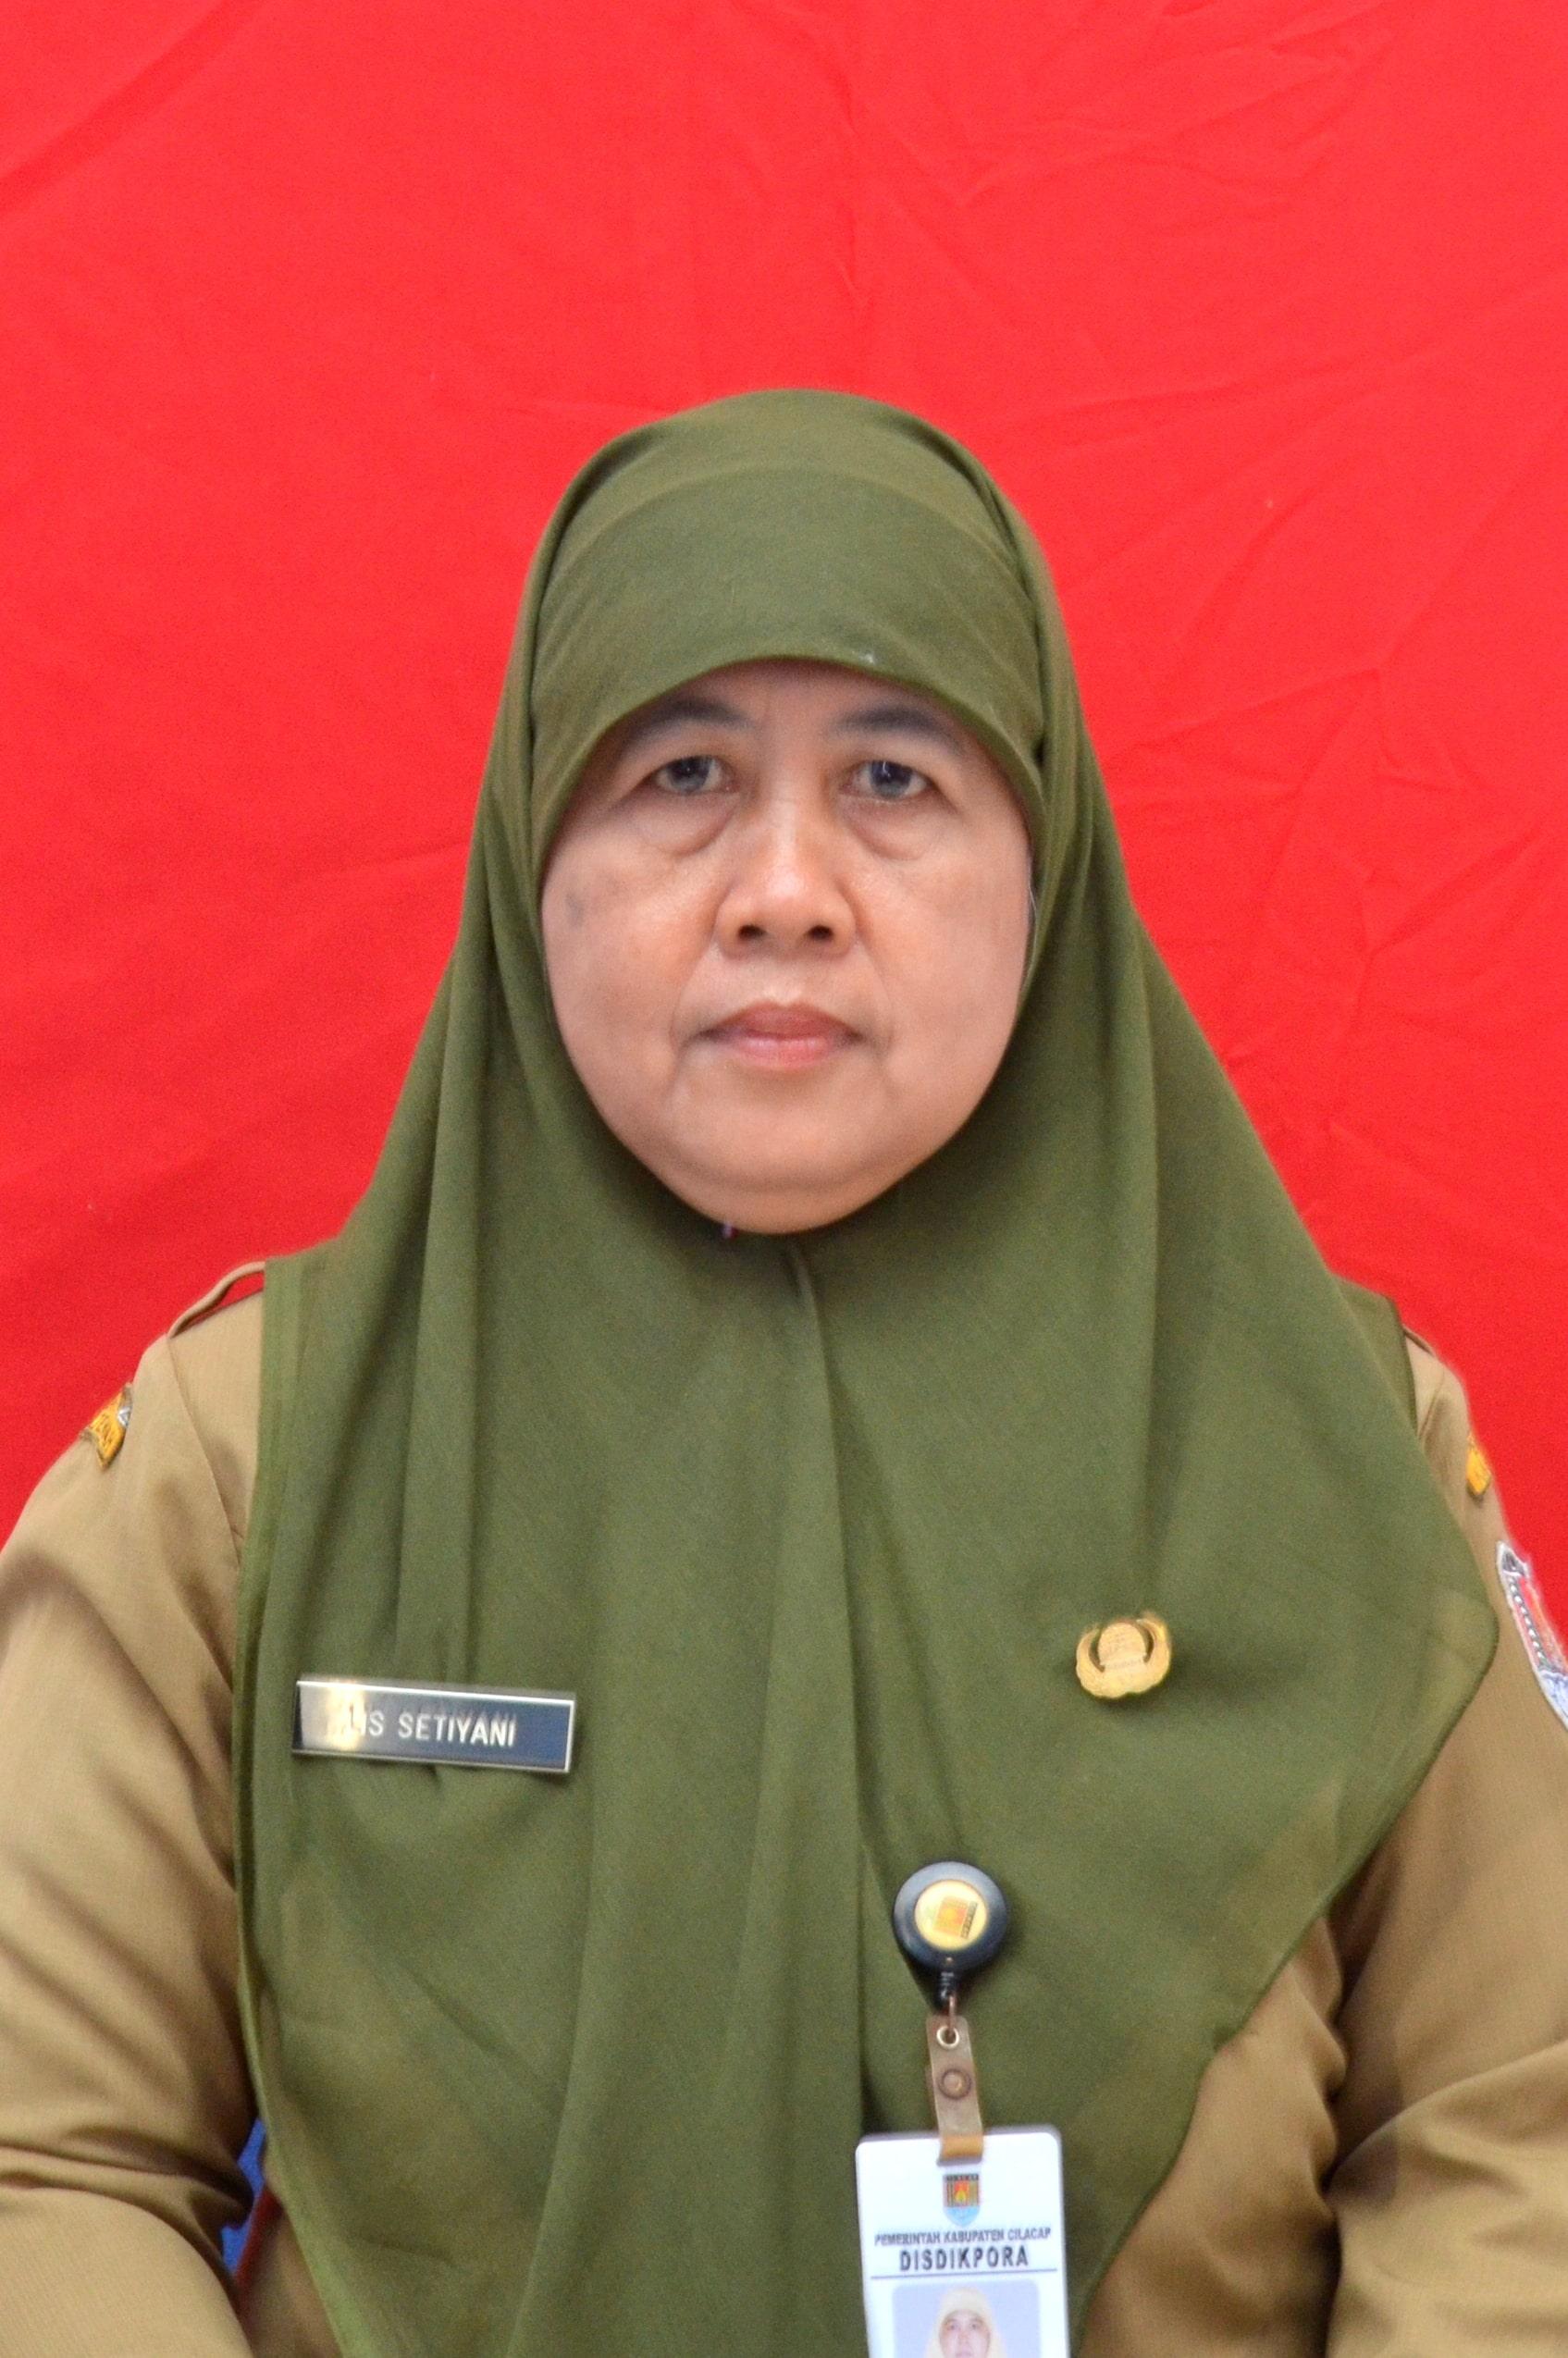 Dra. Lis Setiyani